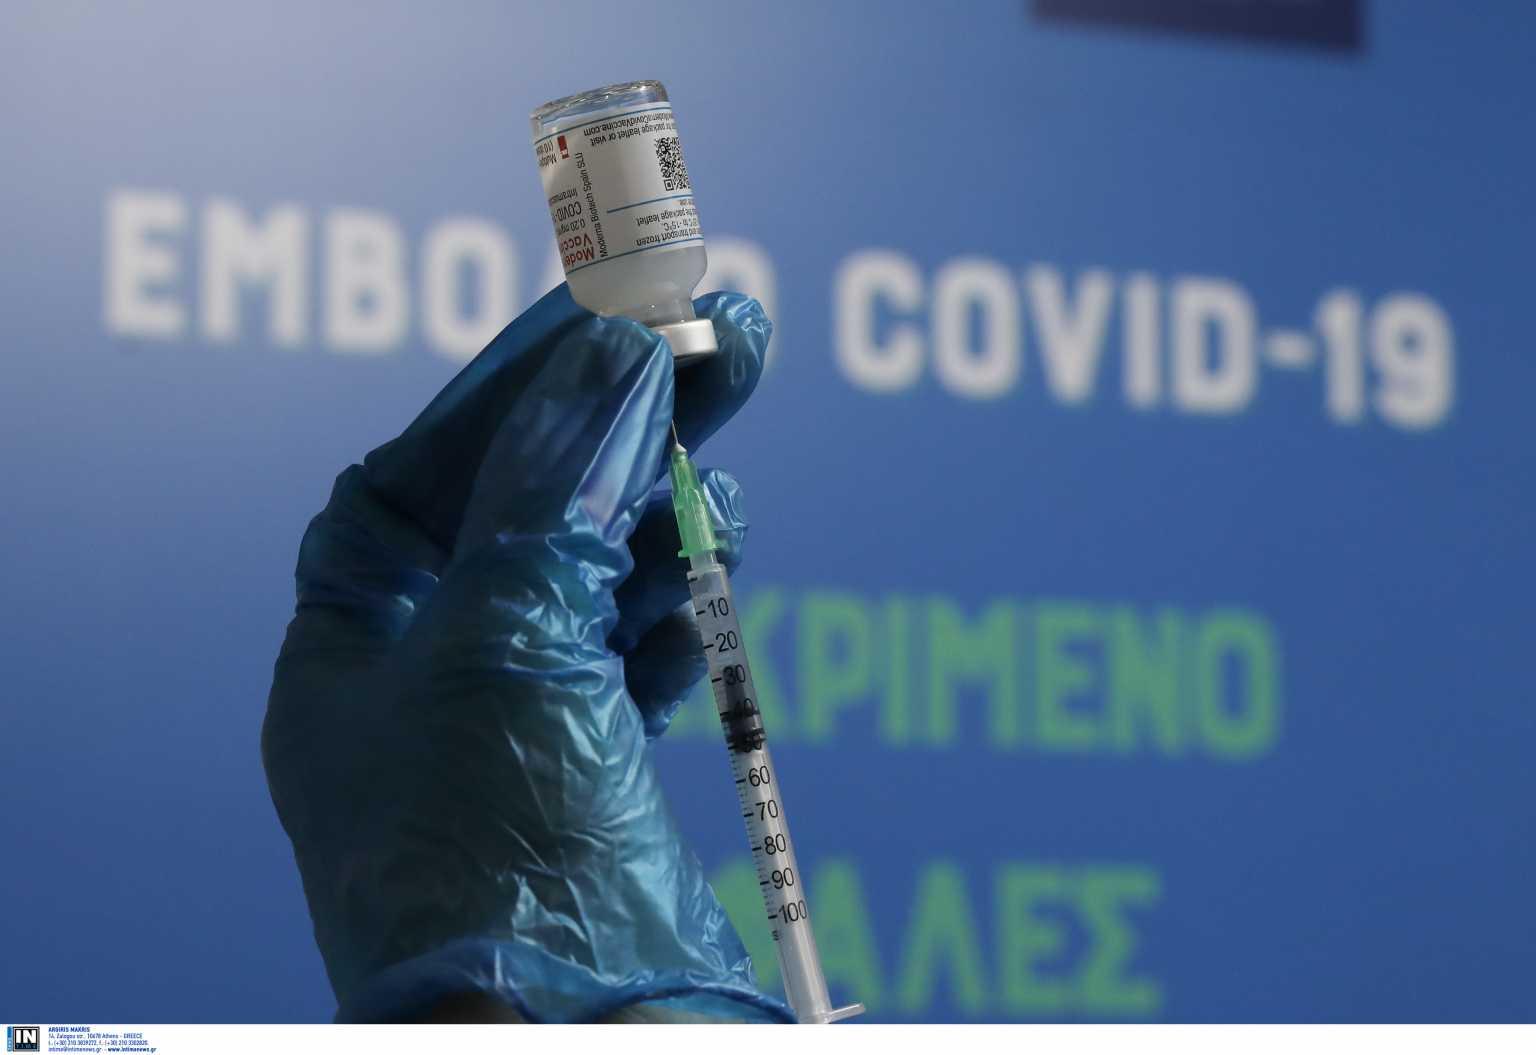 Θολό τοπίο με τα εμβόλια στην Ναύπακτο και το ψυγείο που βγήκε εκτός λειτουργίας